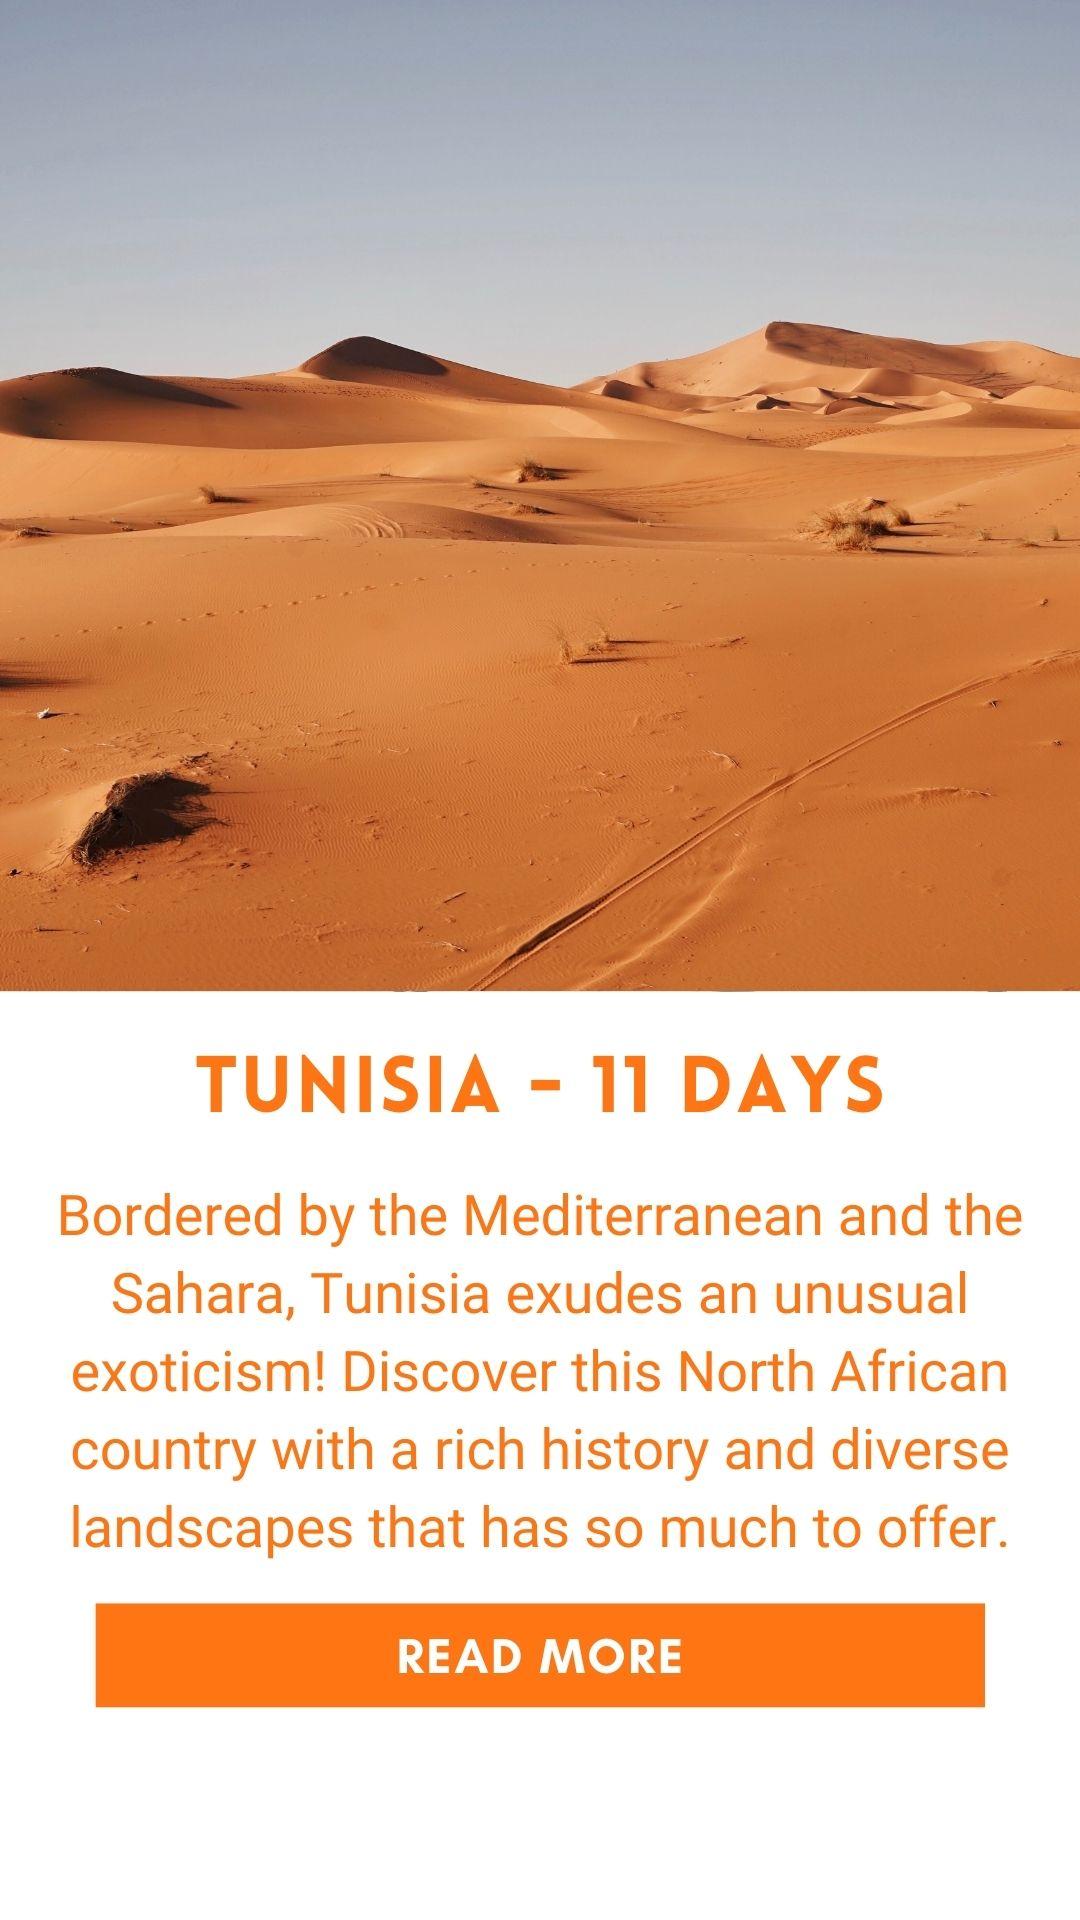 Organized trip in Tunisia